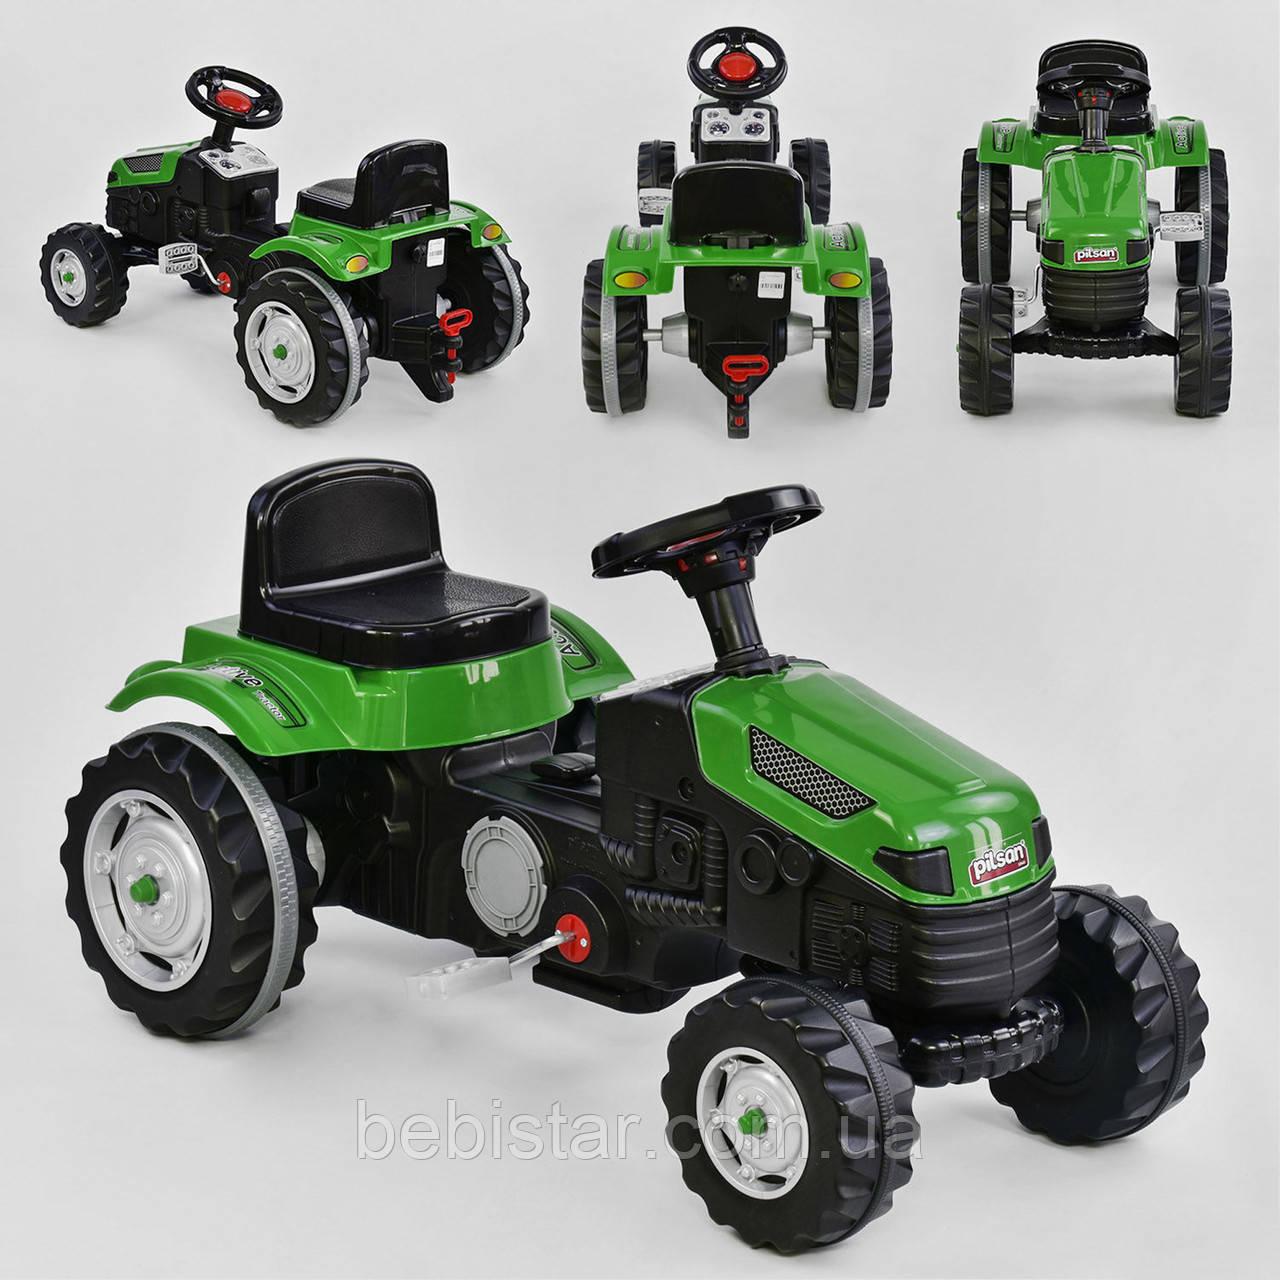 Веломобиль трактор педальный зеленый пластиковые колеса цепной привод с звуковым сигналом от 3-х лет